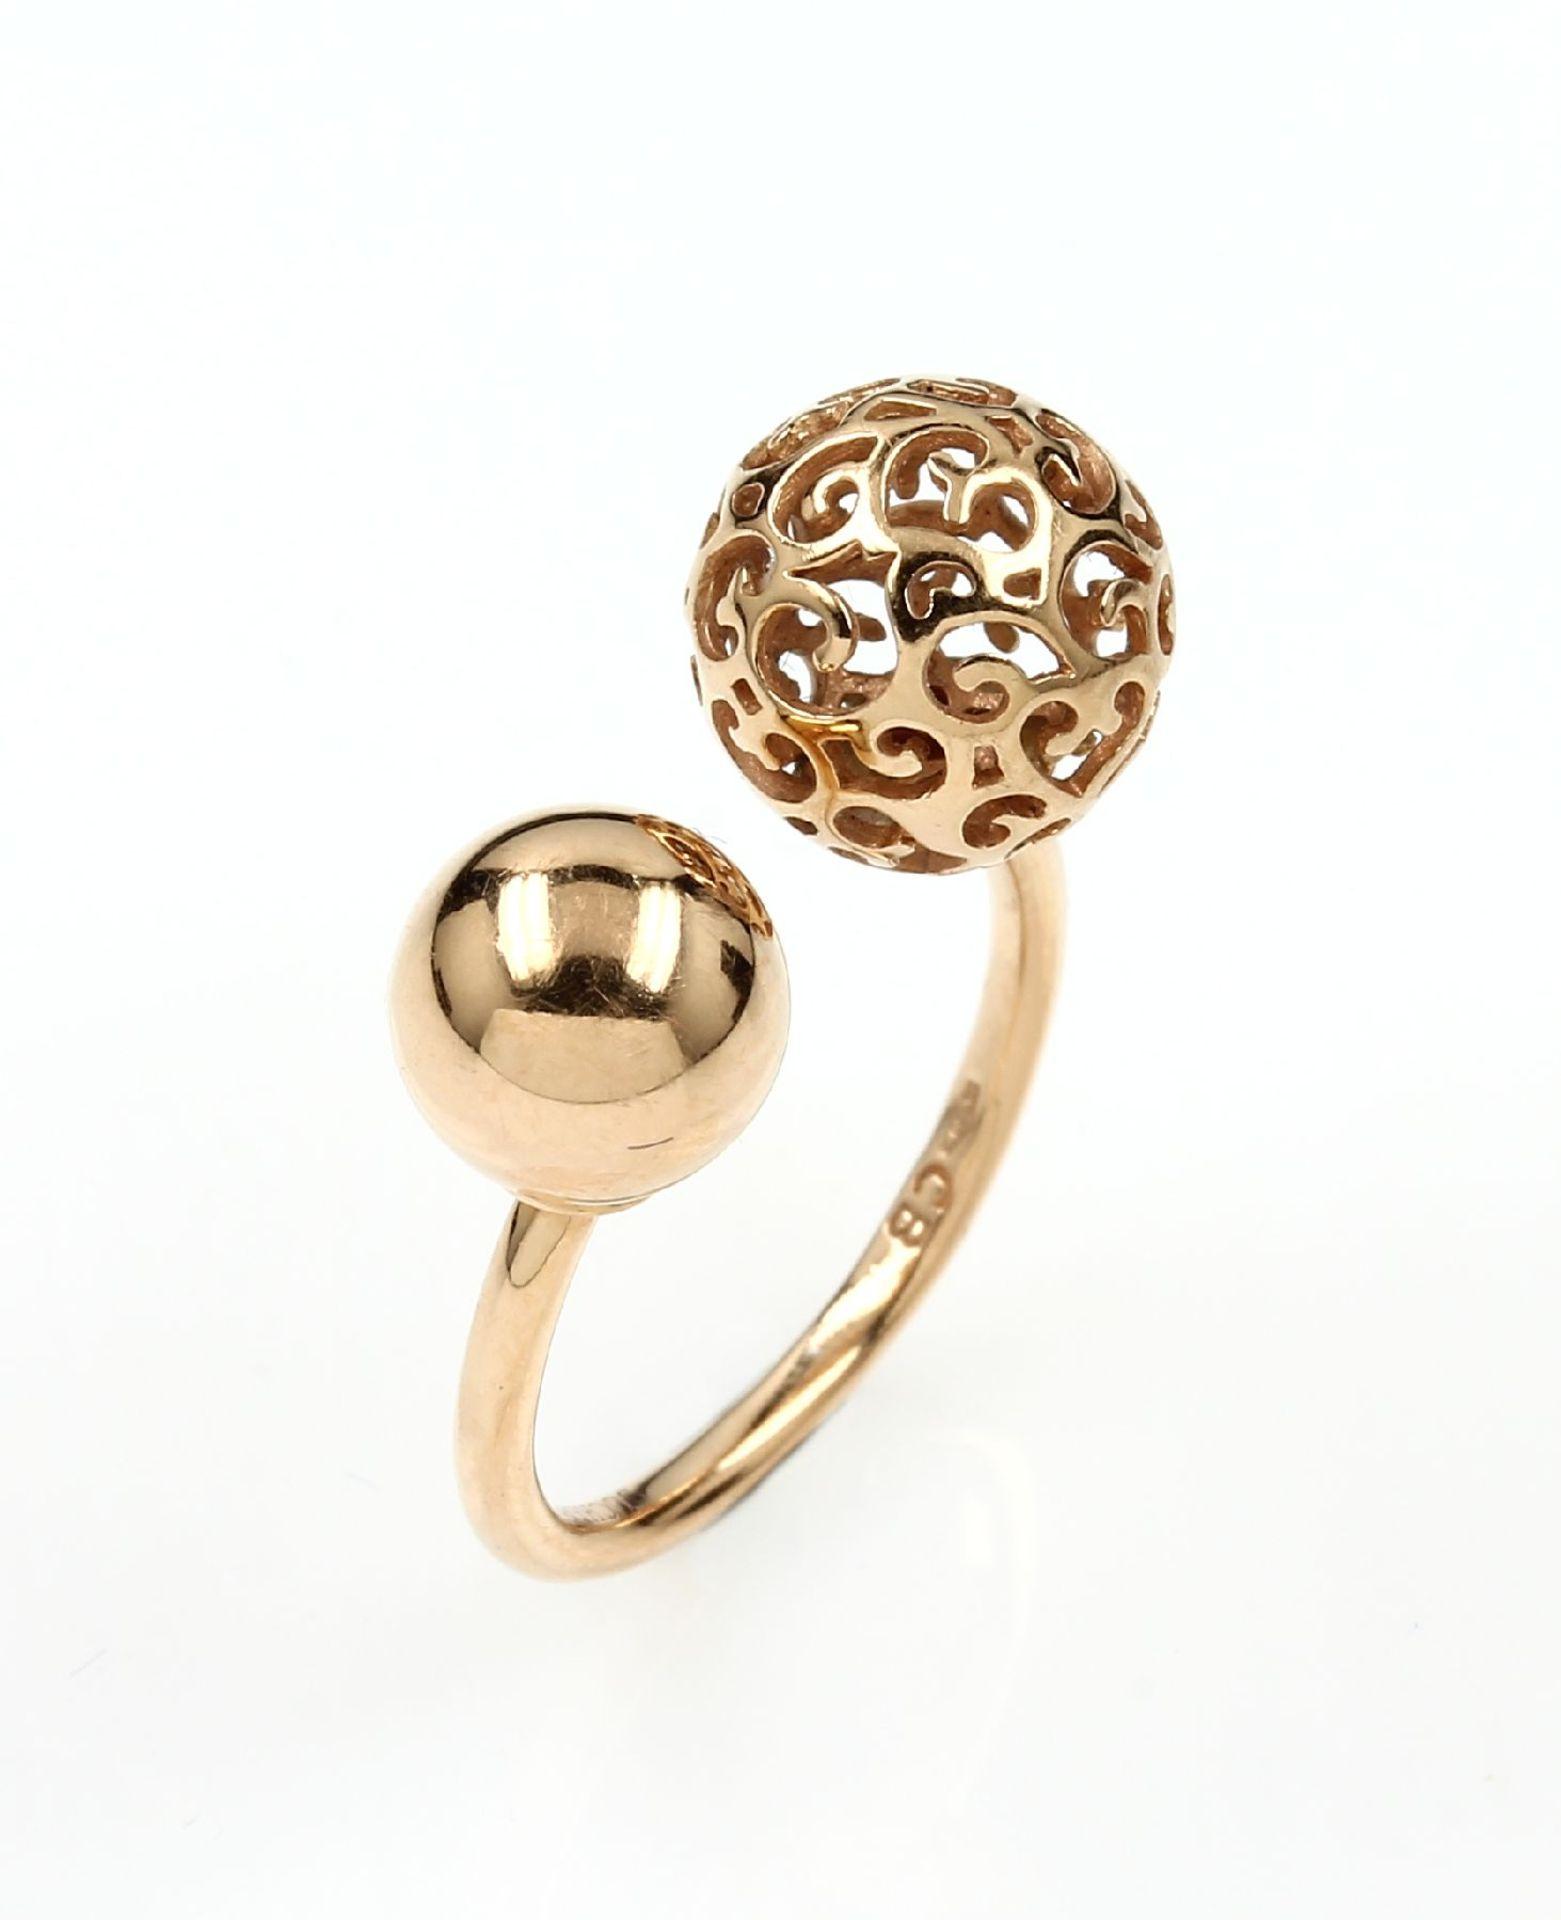 18 kt Gold BUCHERER Ring, RoseG 750/000, ausgefallenes Design, Ringschiene nach oben geöffnet, 1